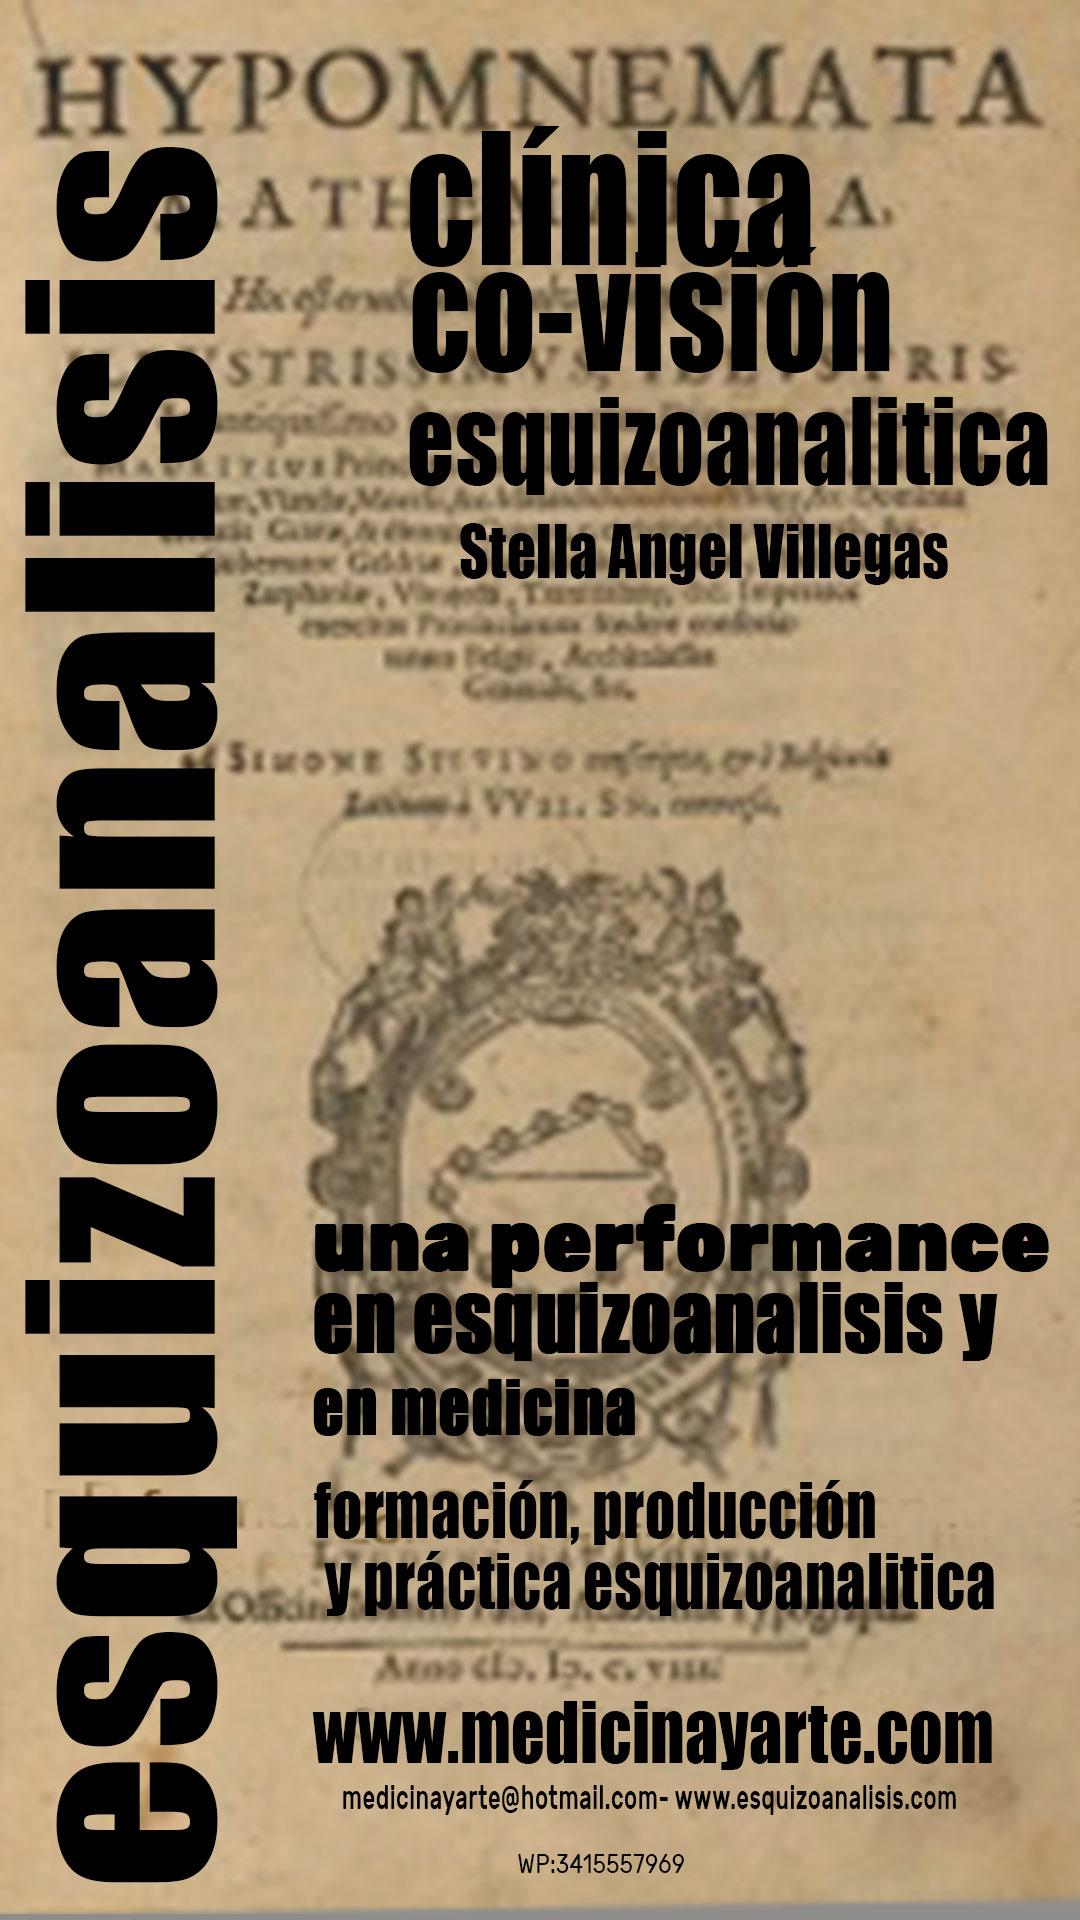 http://medicinayarte.com/img/clinica_covision.jpg